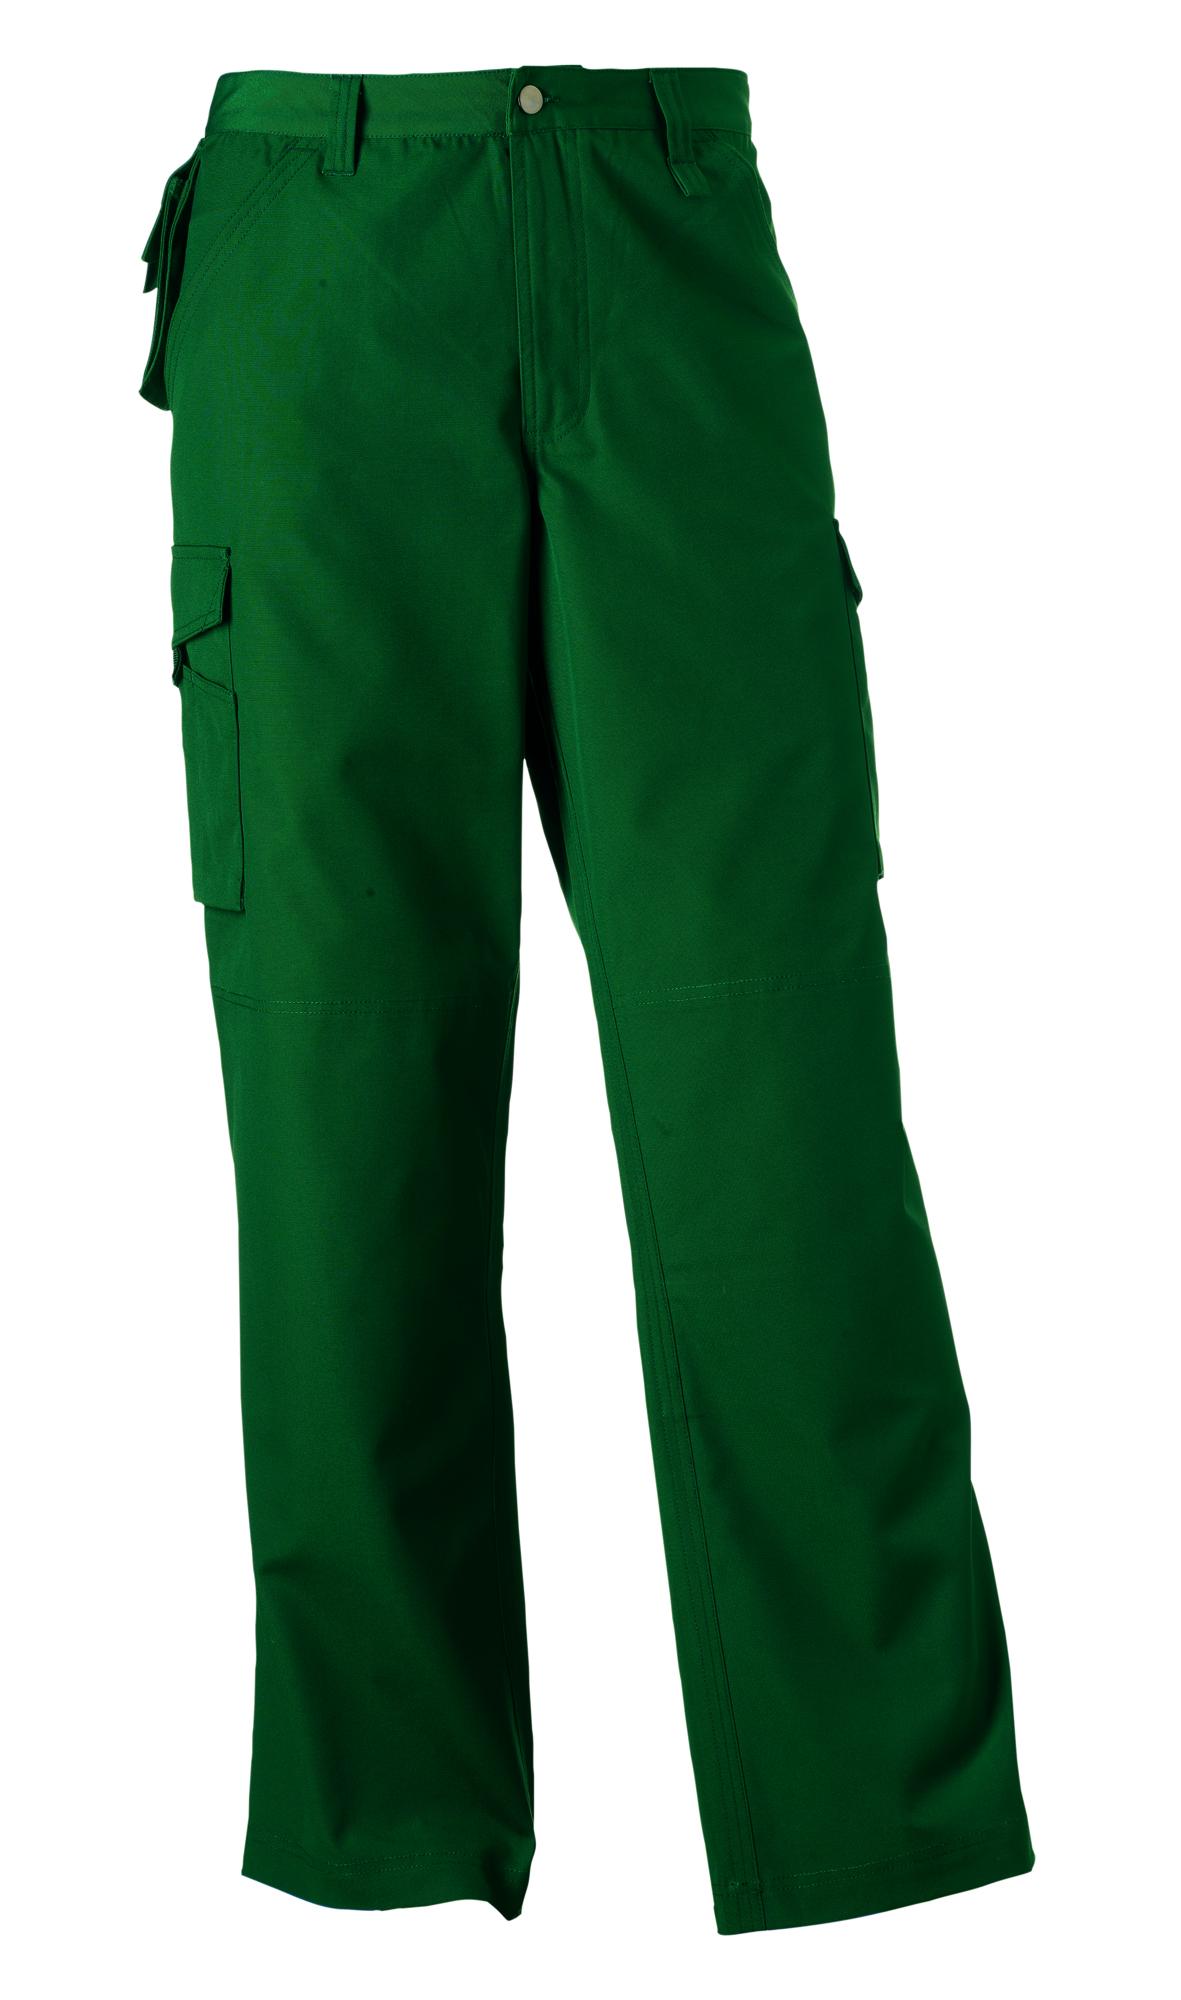 Heavy Duty Trousers  - Bottle Green - 32-30